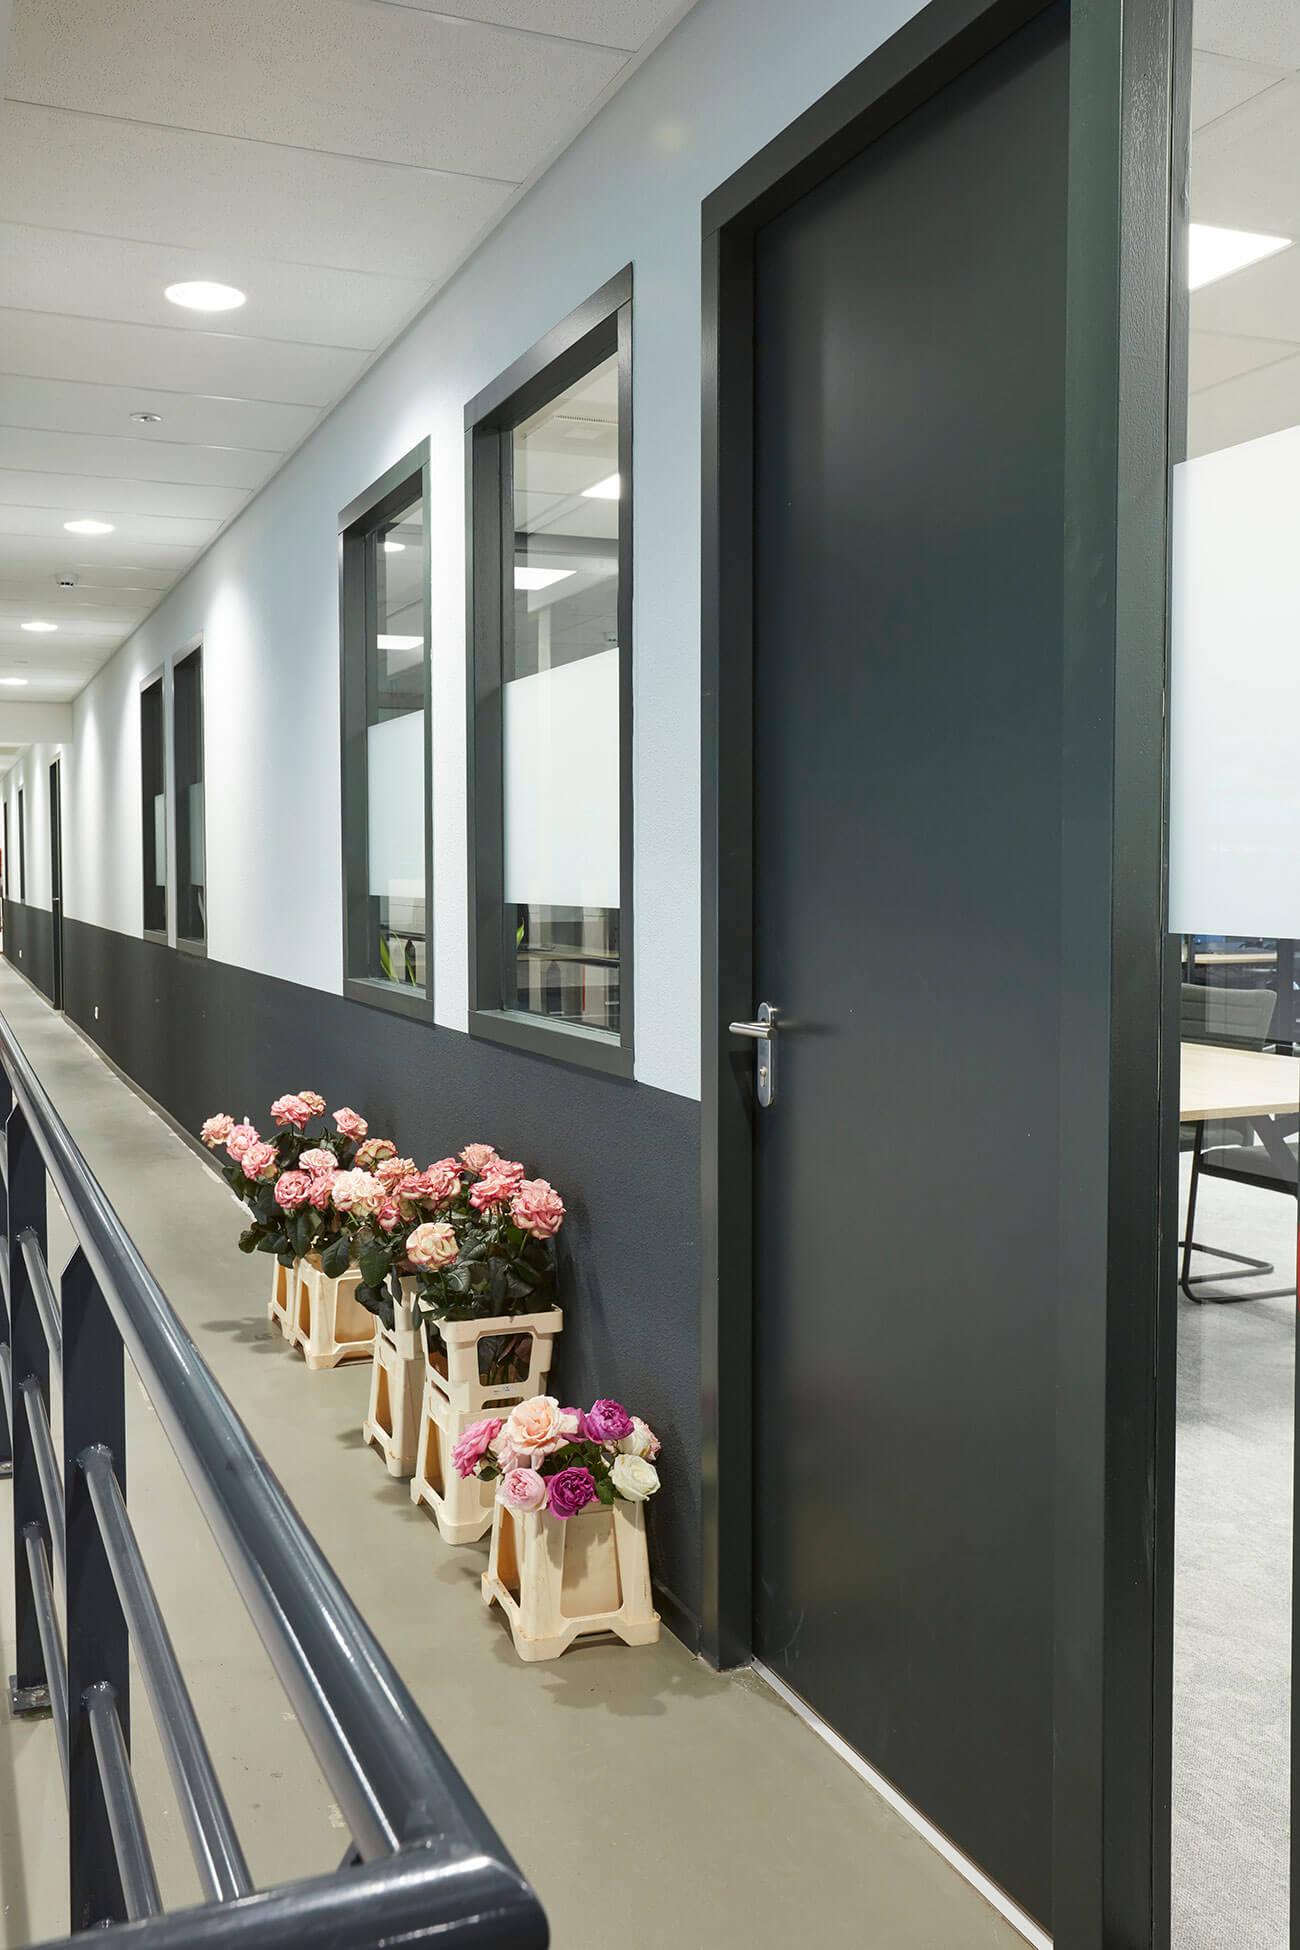 Kantoor verbouwing Aalsmeer in Aalsmeer